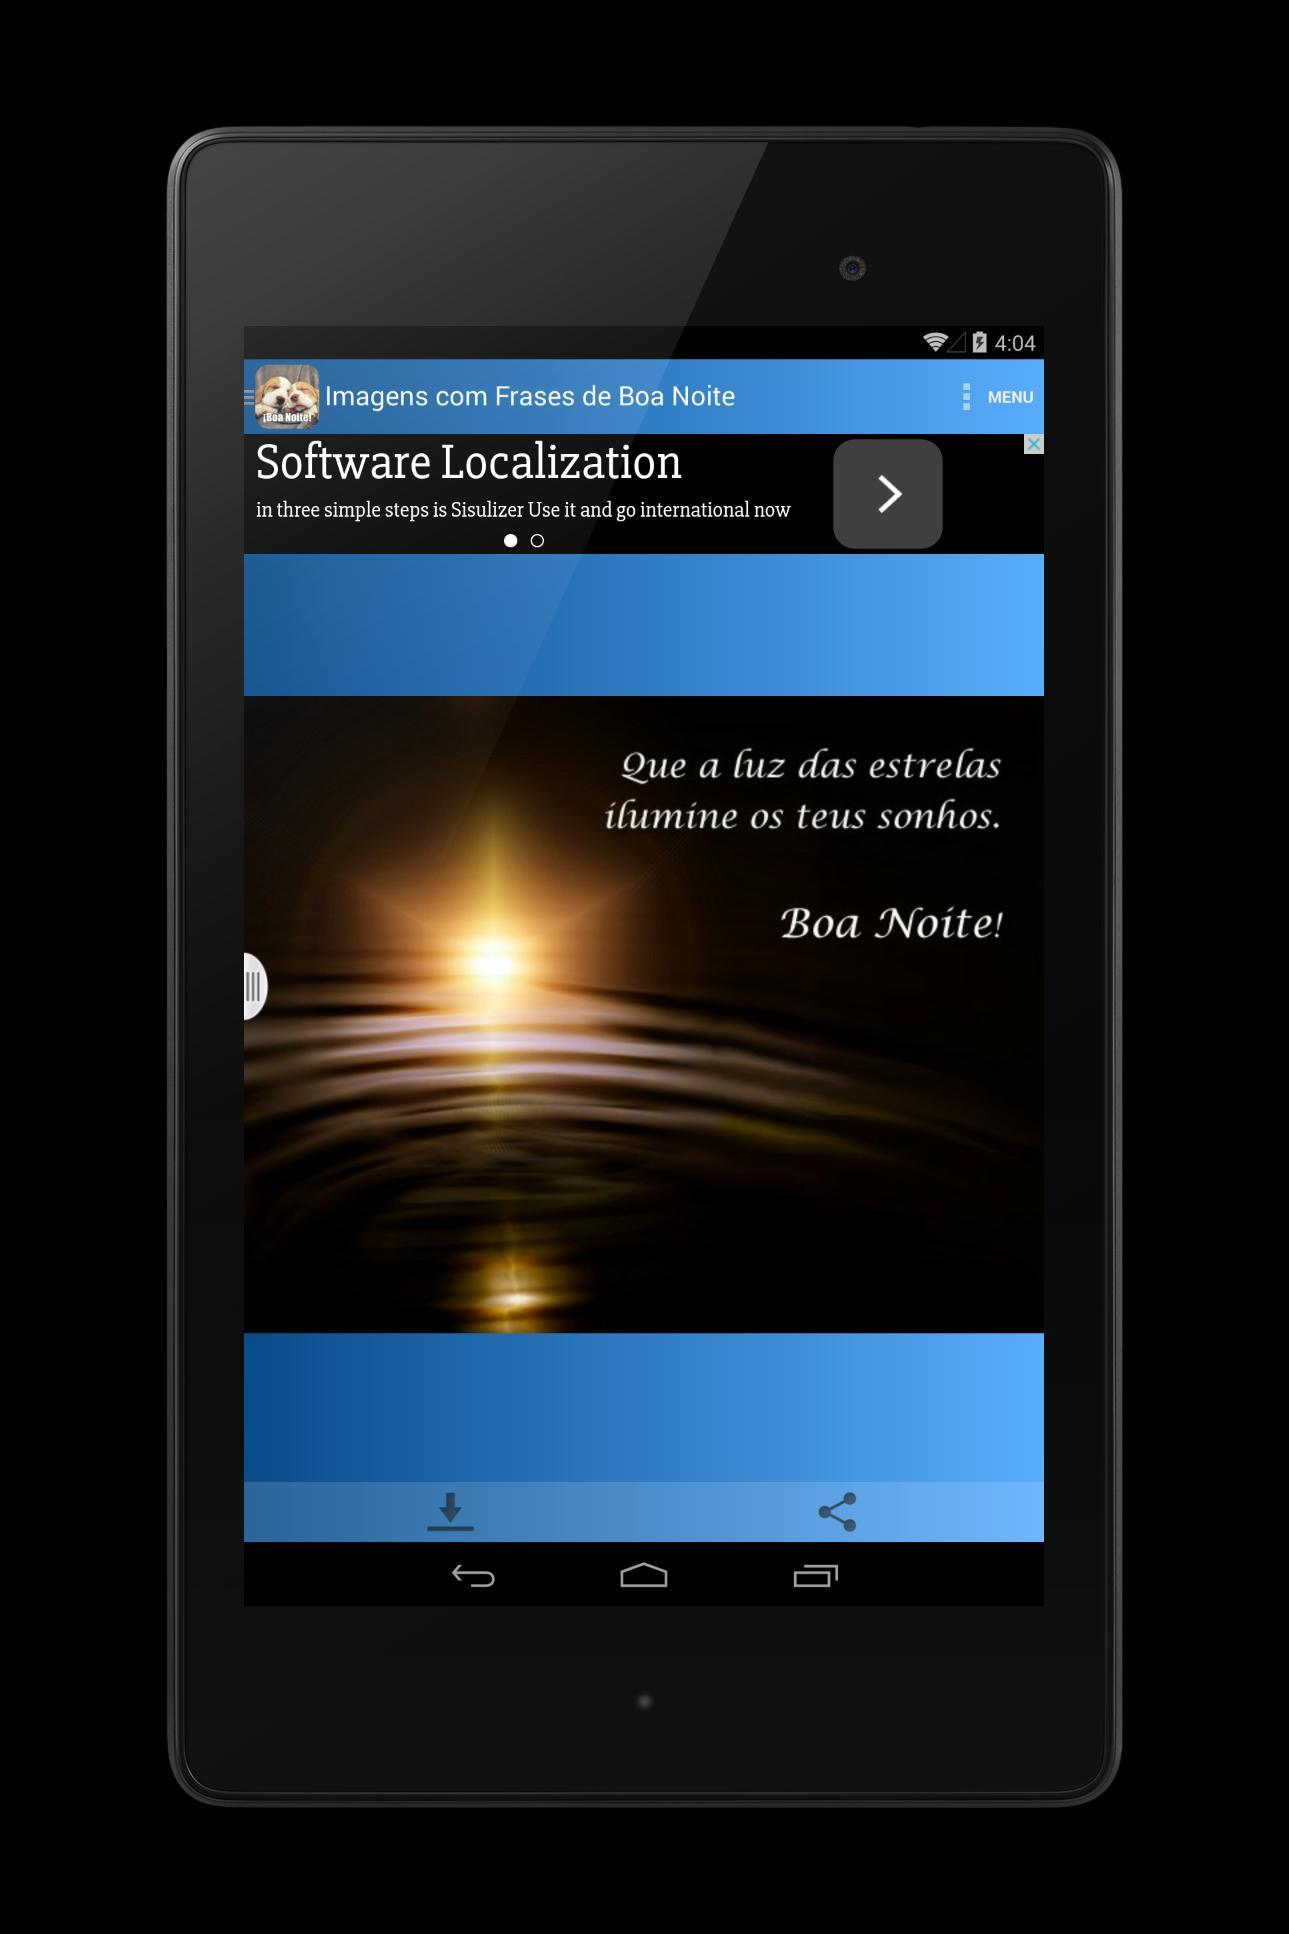 Imagens Frases De Boa Noite Für Android Apk Herunterladen